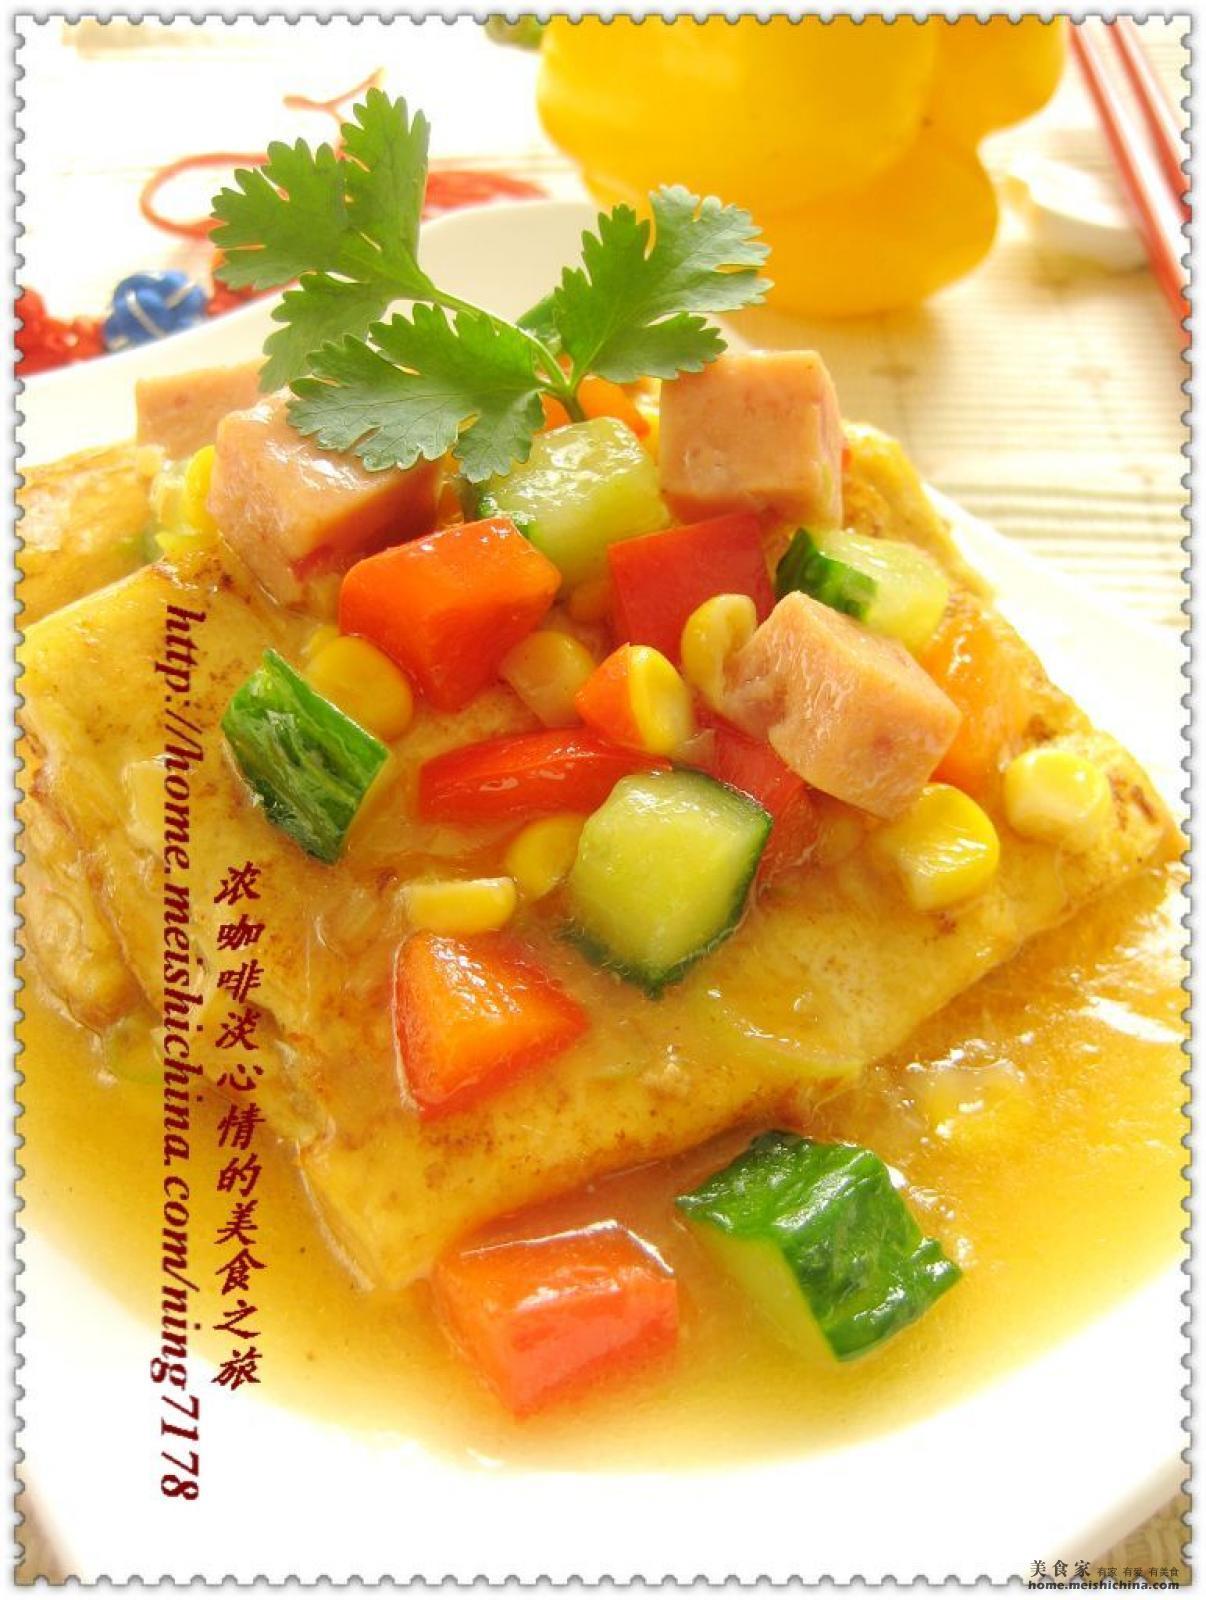 春节家宴—迎春接福(五彩煎豆腐)五彩煎豆腐浓咖啡淡心情的日志美食天下